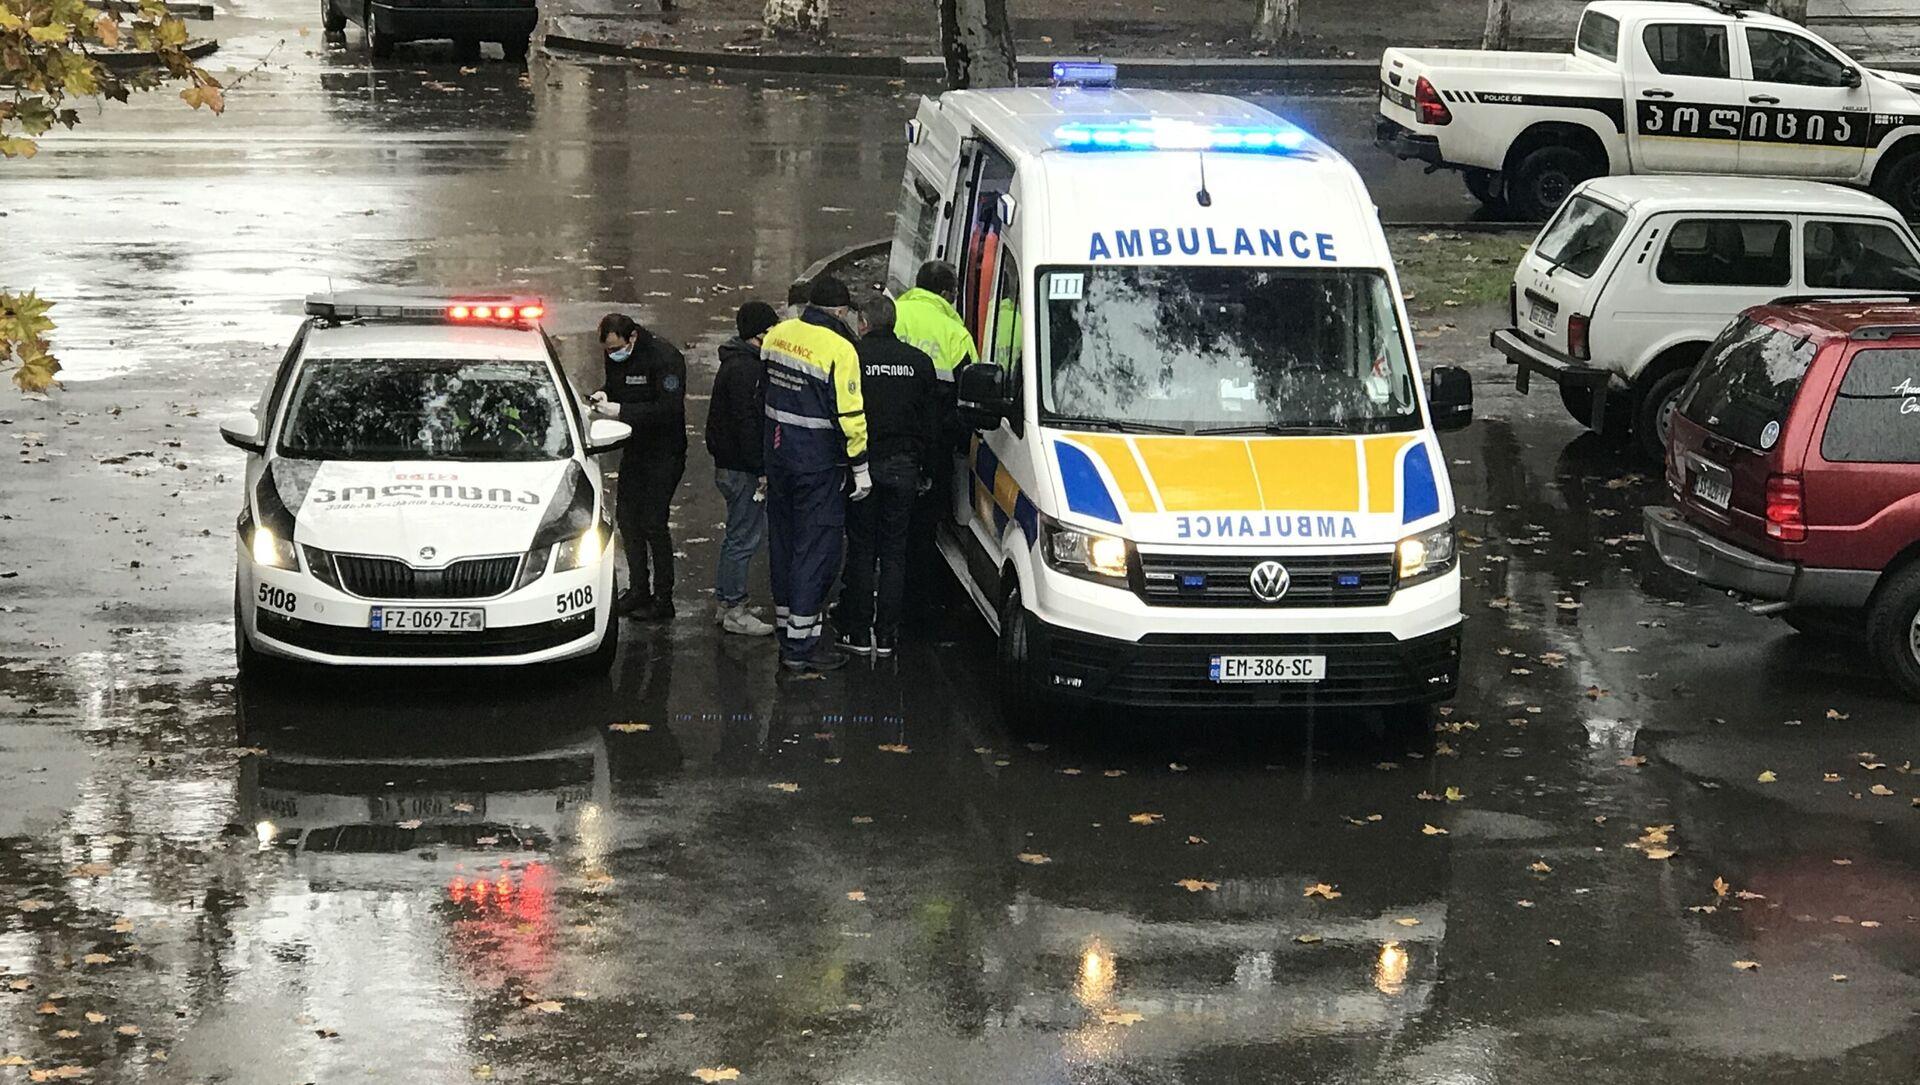 Скорая помощь и машина патрульной полиции на месте происшествия в городе Рустави - Sputnik Грузия, 1920, 04.04.2021